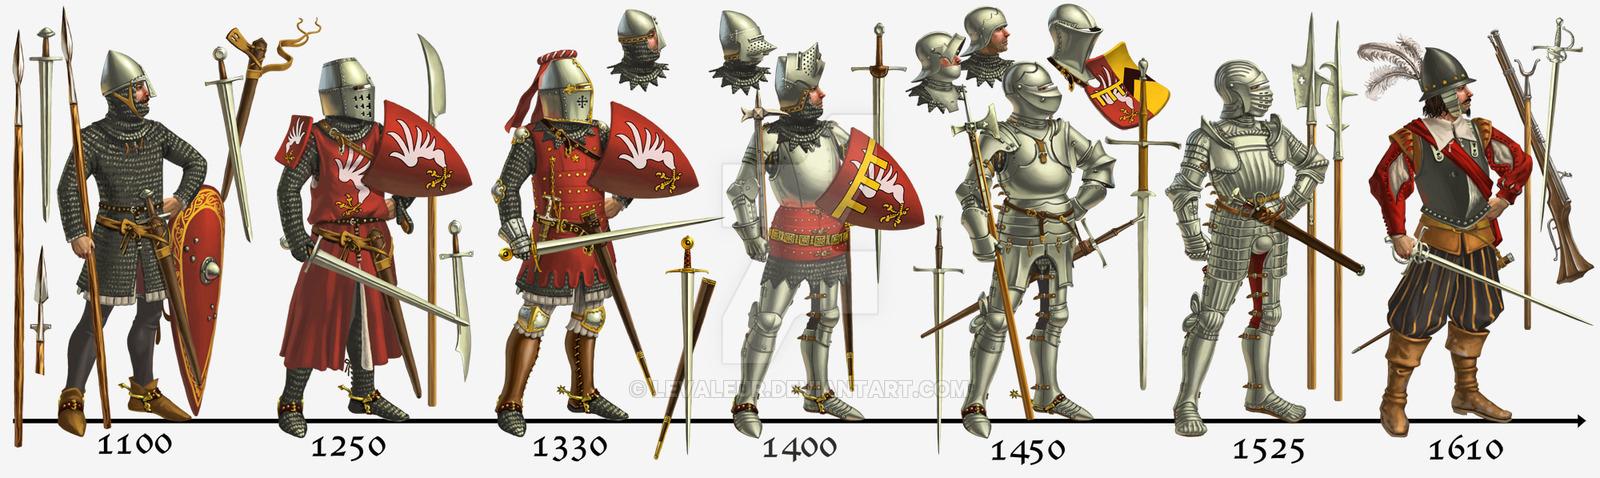 knights armor evolution history